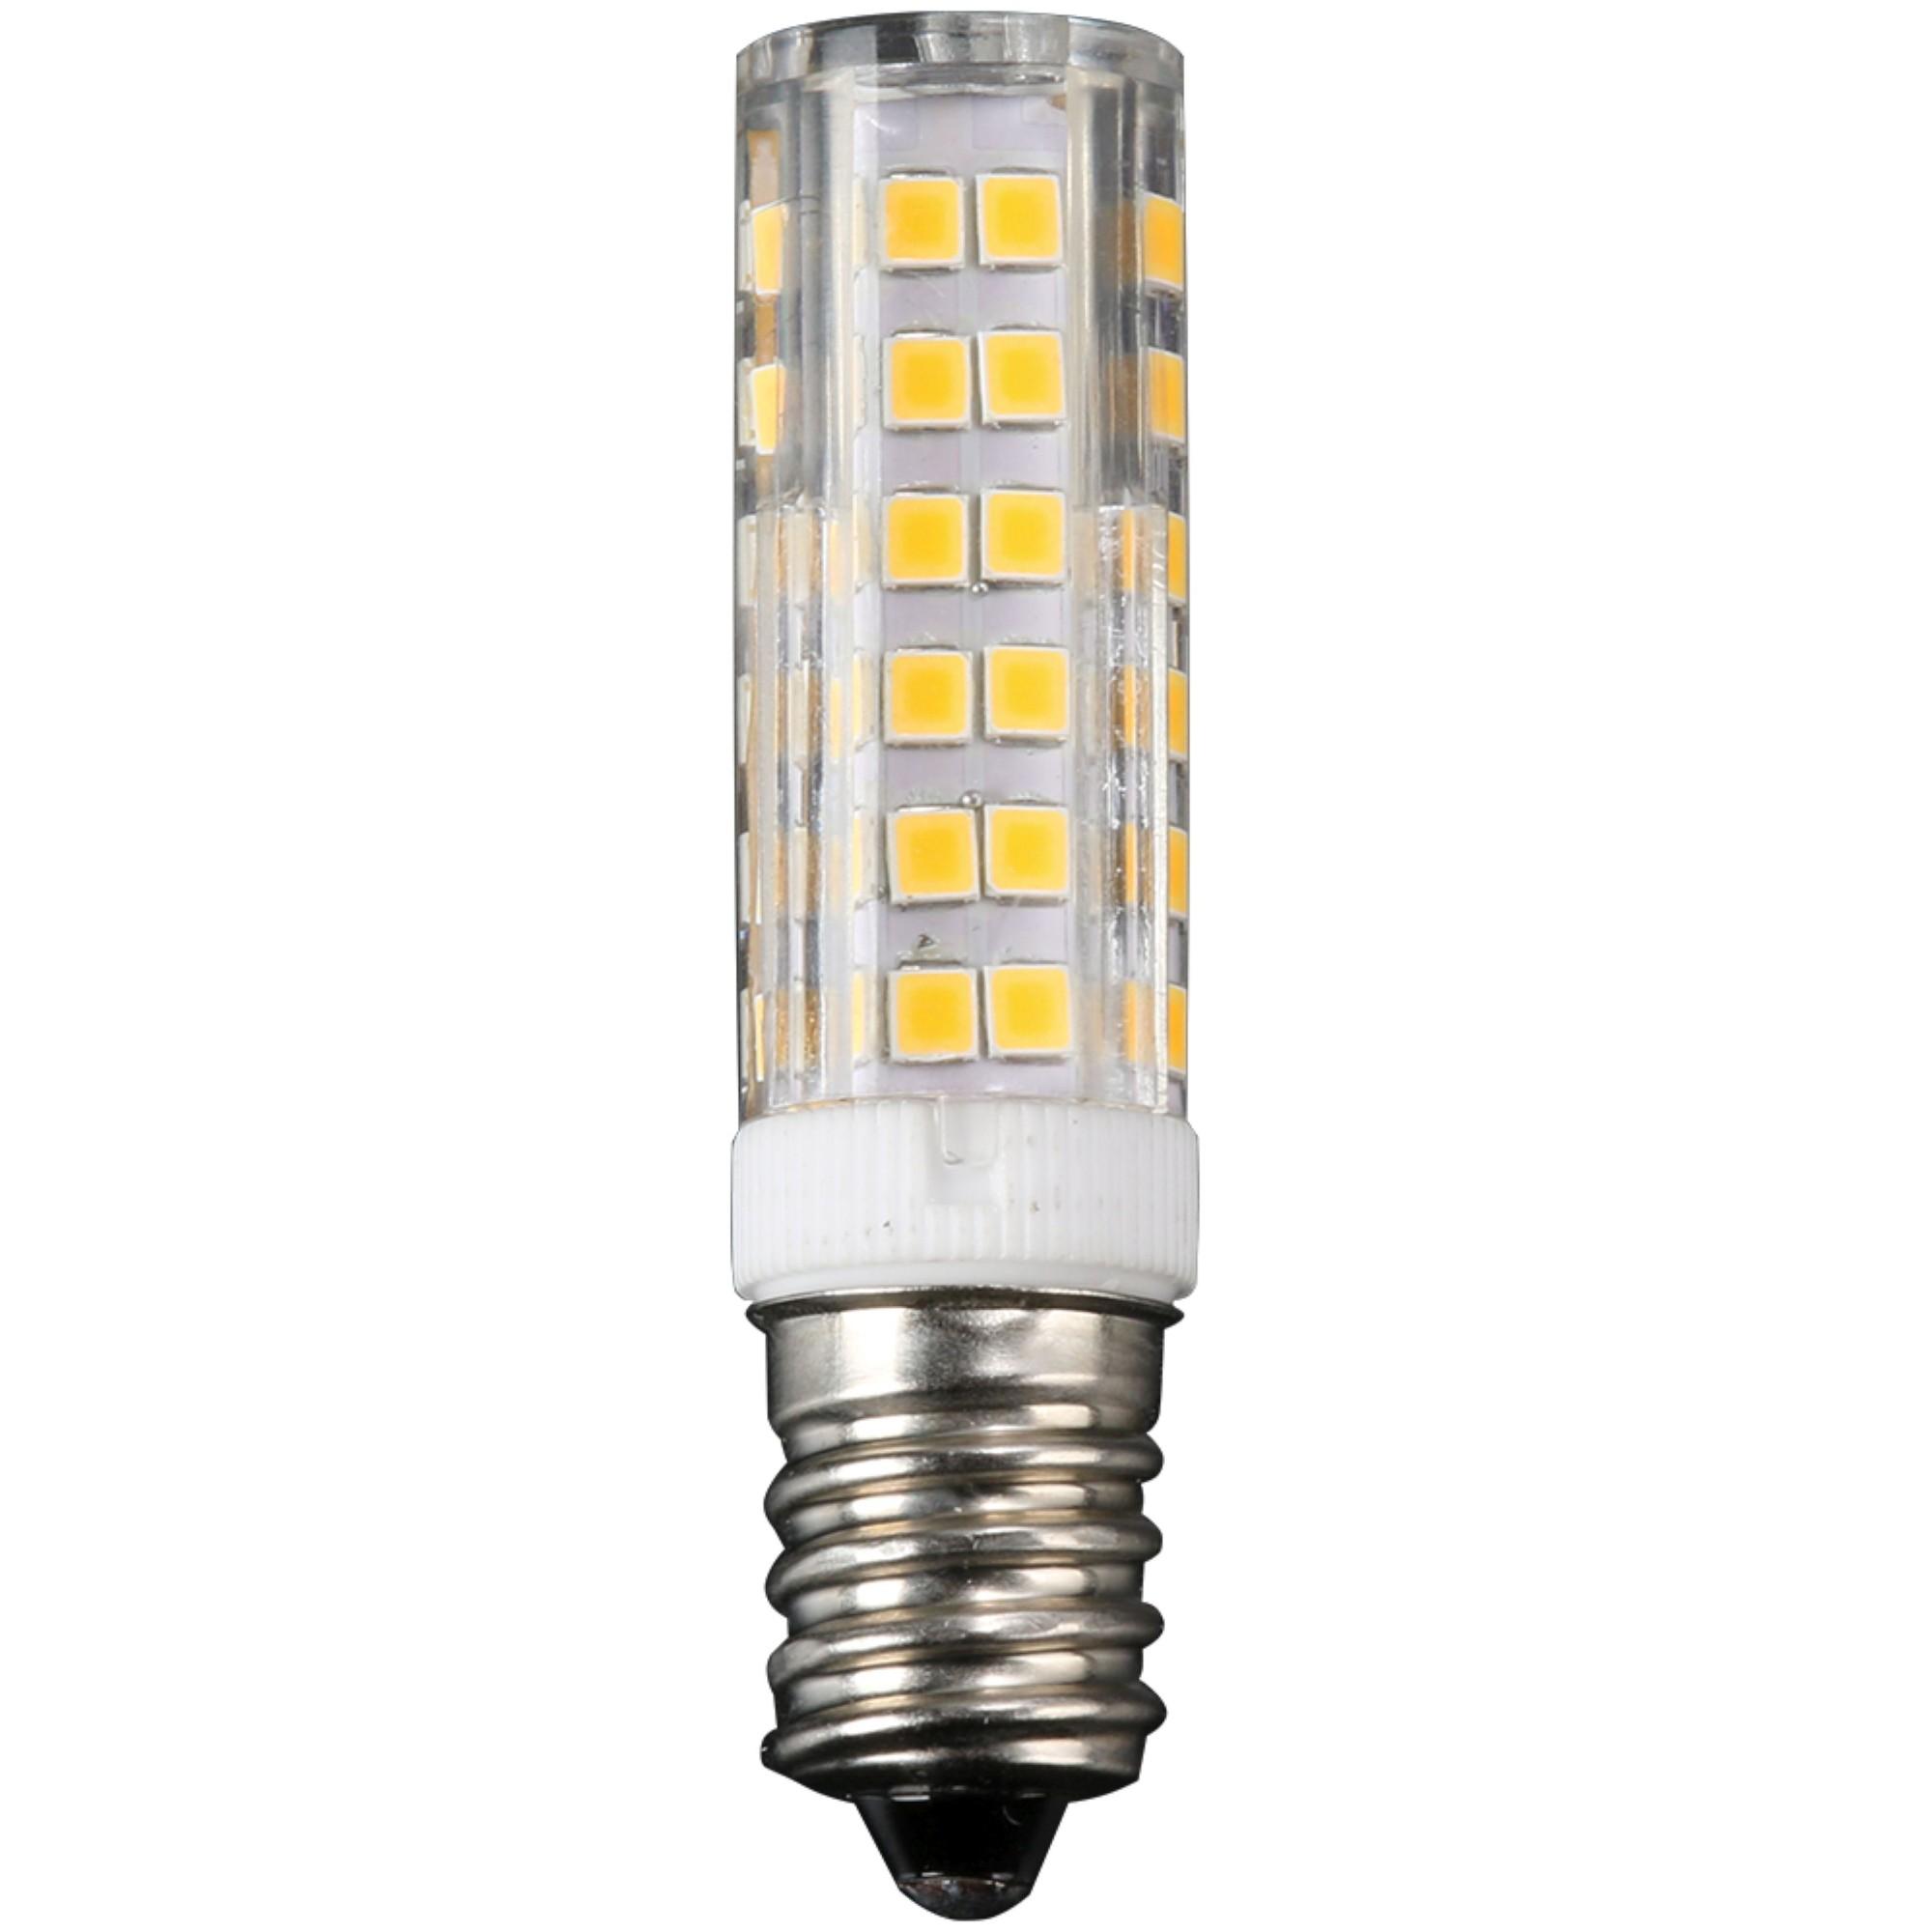 Лампа Ecola стандарт светодионая E14 5.50 Вт 440 Лм нейтральный свет